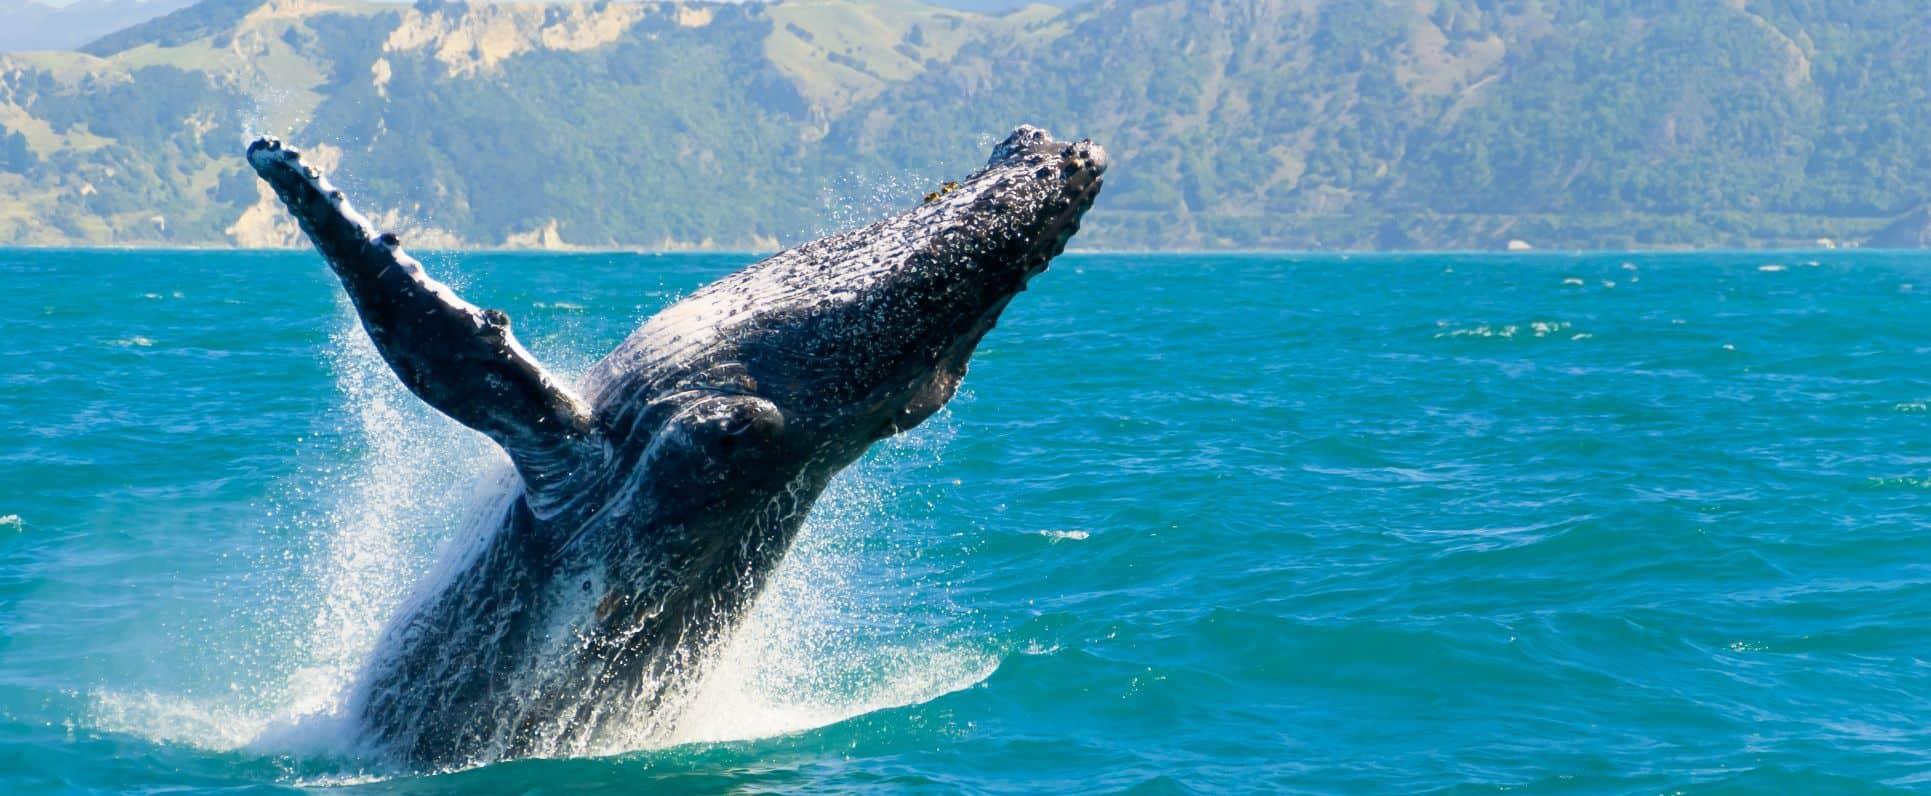 voyage animalier ecoresponsable dolphinesse